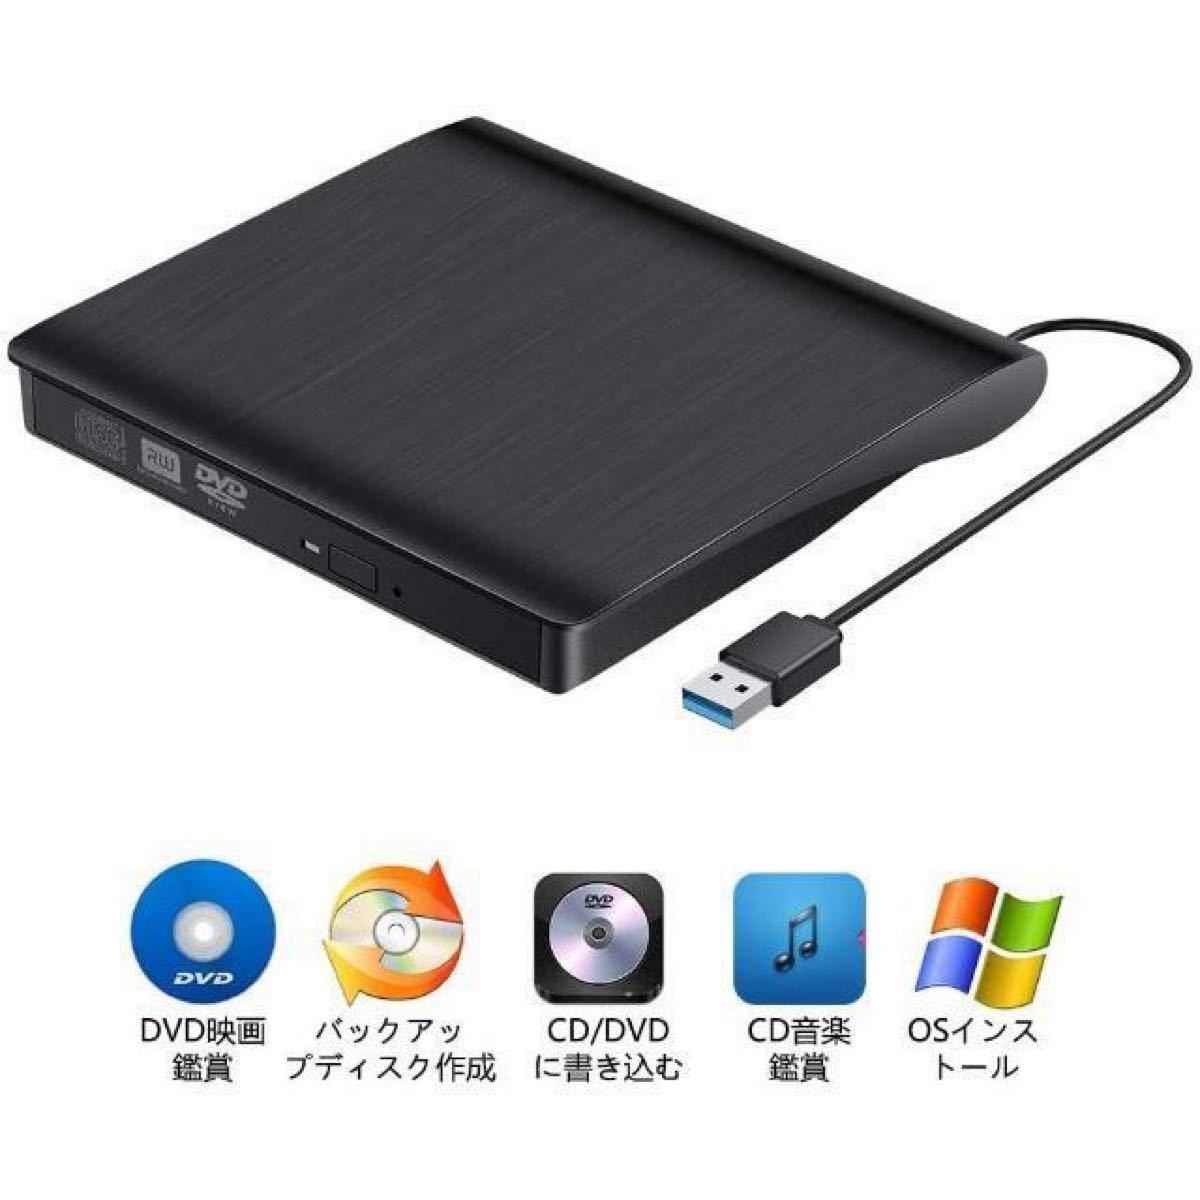 Excuty 最新版 USB3.0 外付け DVD ドライブ CD/DVDプレーヤー ポータブルDVDプレーヤー